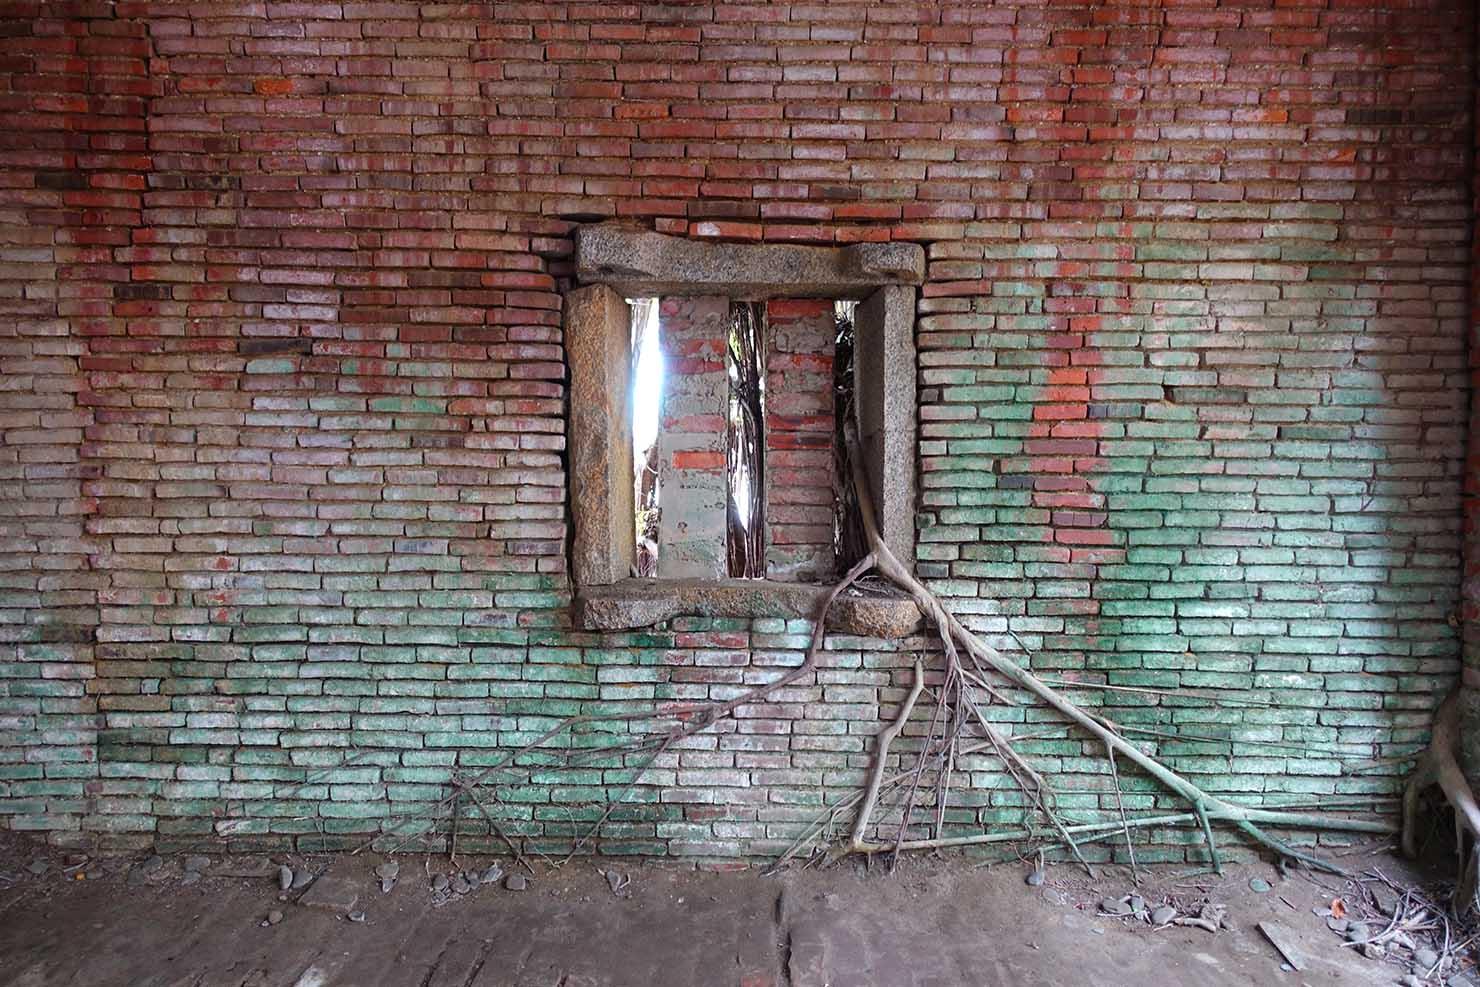 台湾の古都・台南のおすすめ観光スポット「安平樹屋」の窓